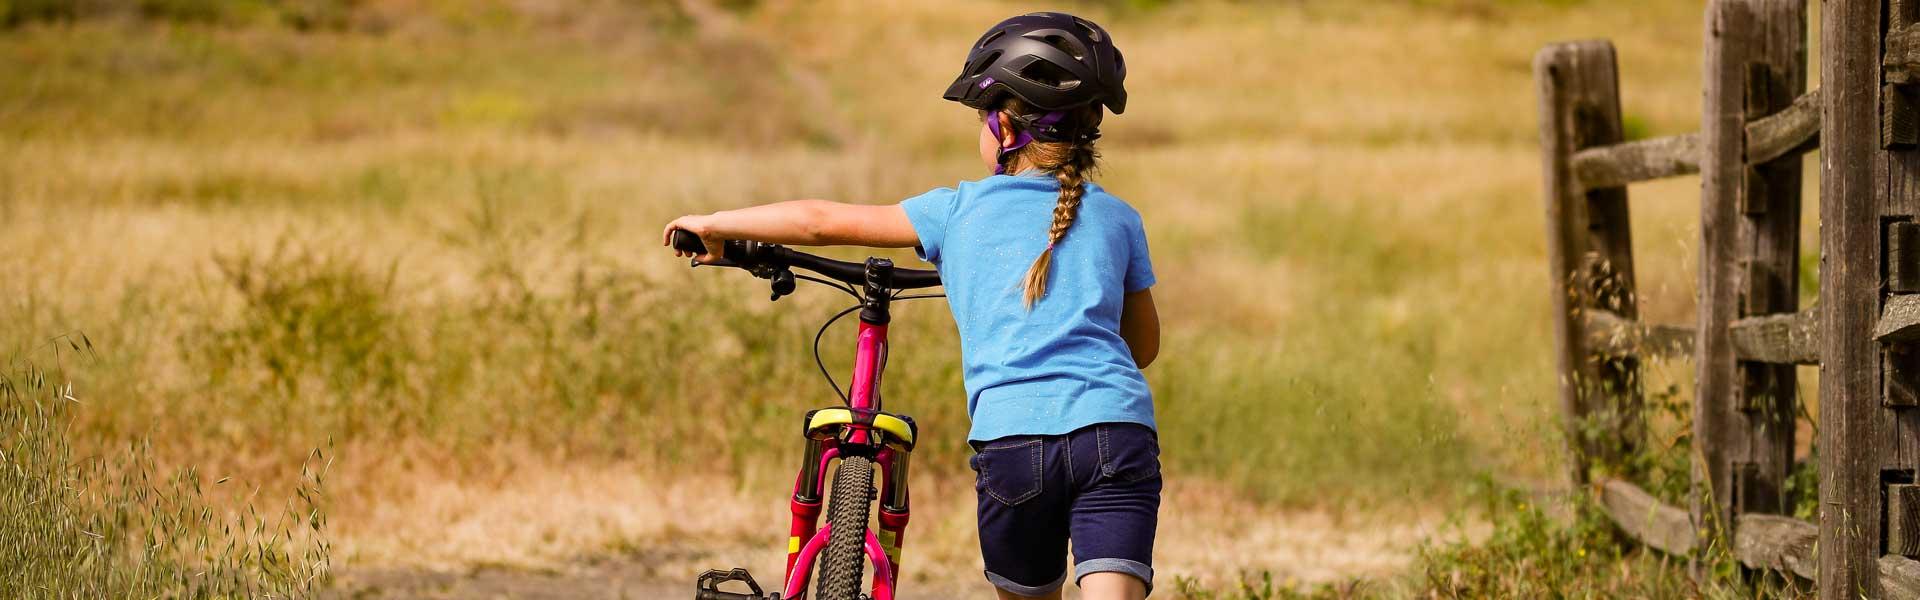 teach daughter or son biking